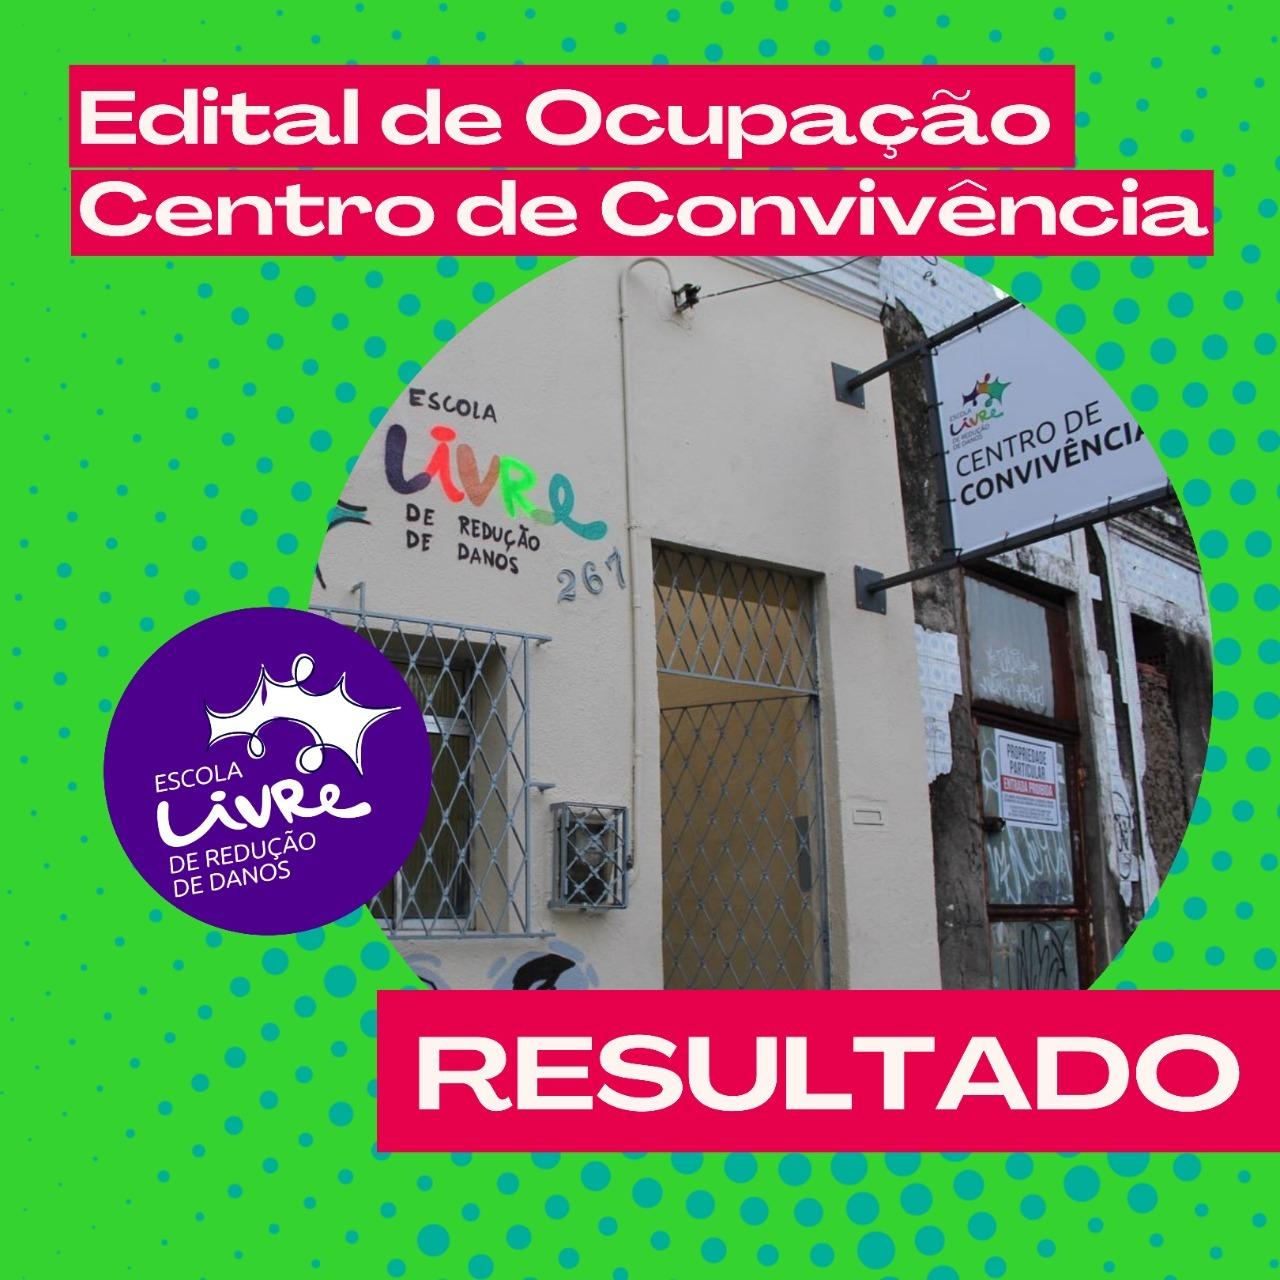 Pessoas selecionadas pelo edital de Ocupação do Centro de Convivência.